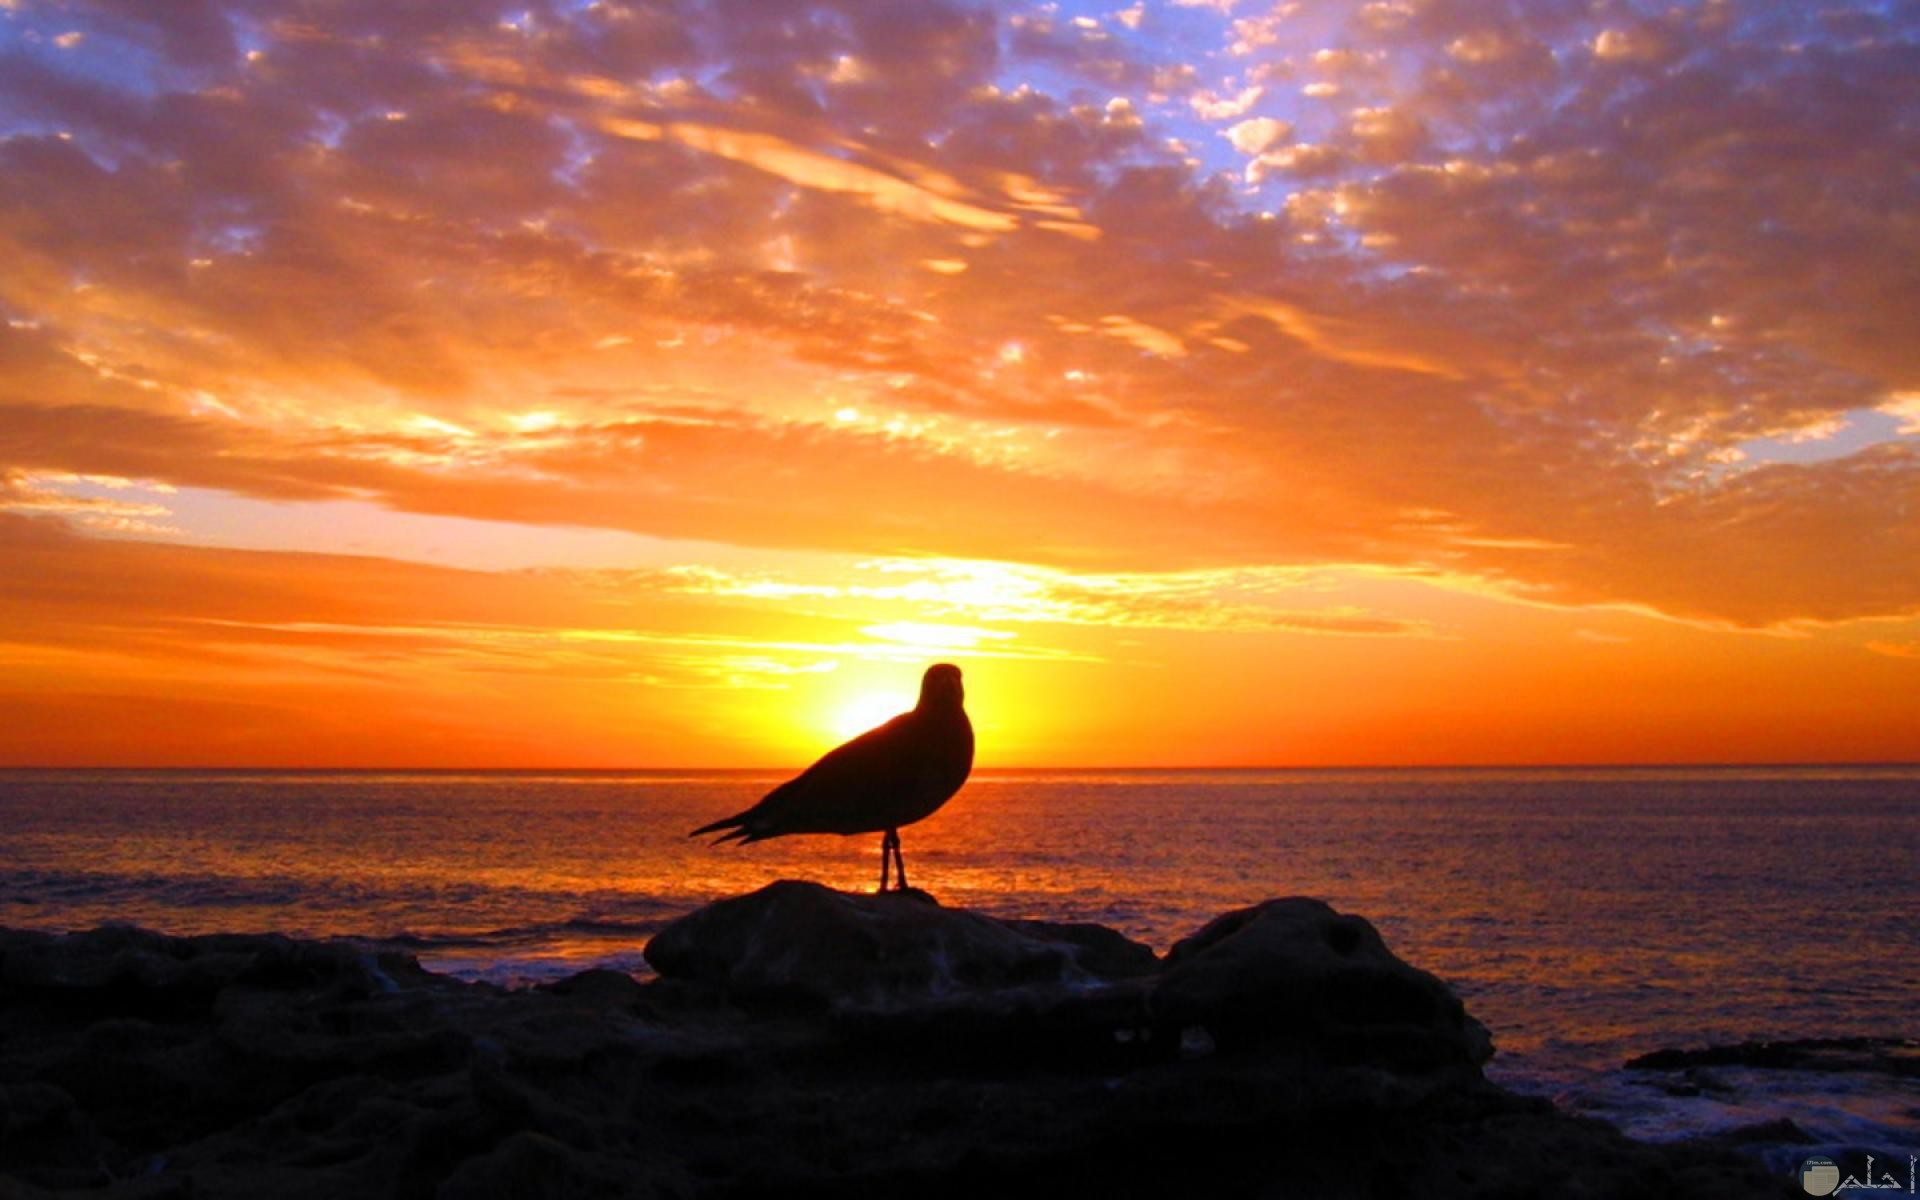 الطير و الماء و غروب الشمس.